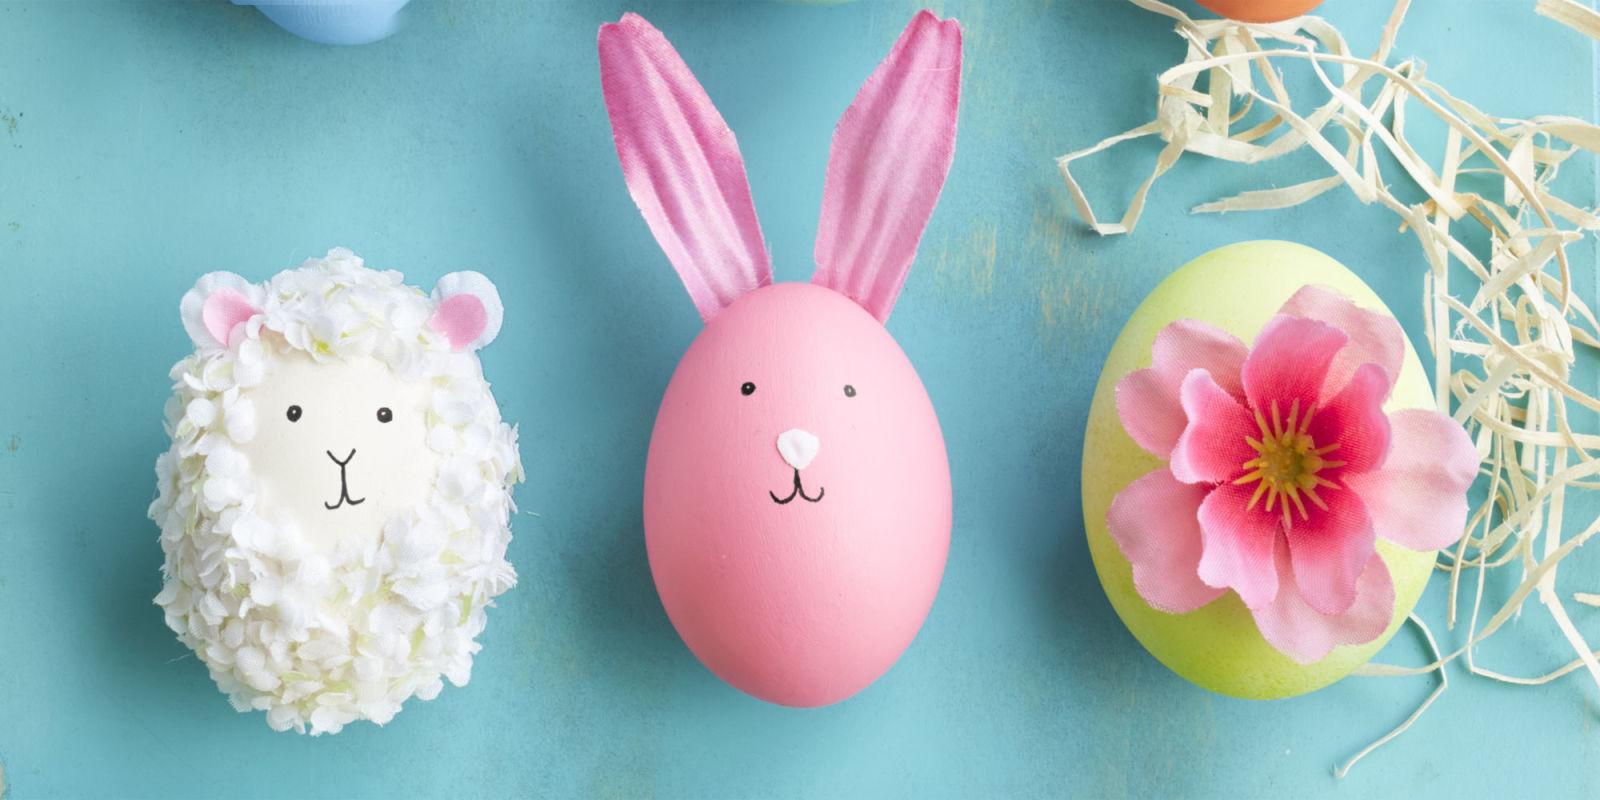 Πως να φτιάξετε χαριτωμένα πασχαλινά αυγά αρνάκια και άλλες απίστευτες ιδέες;